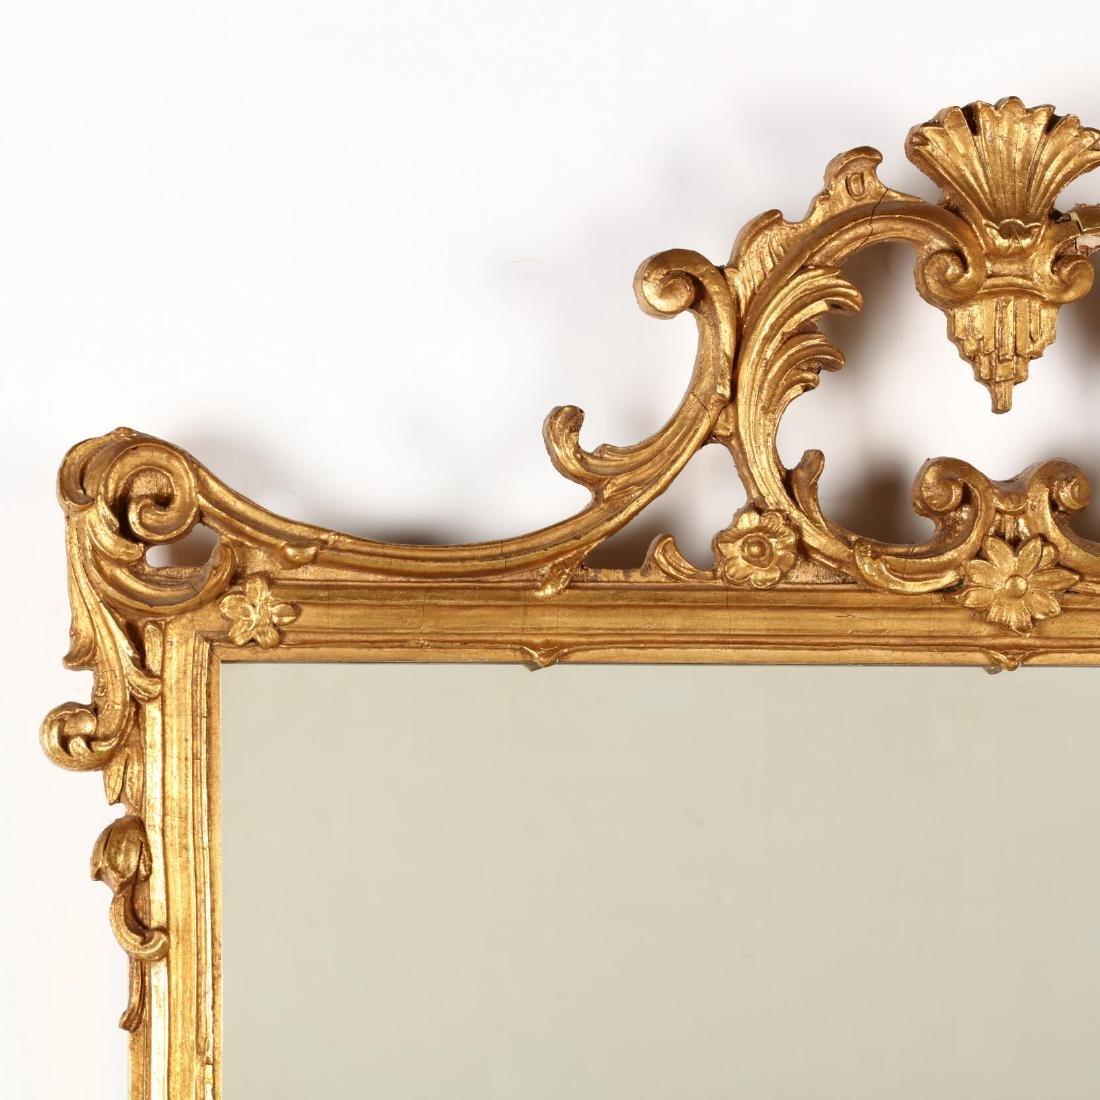 Friedman Brothers, Italianate Wall Mirror - 2